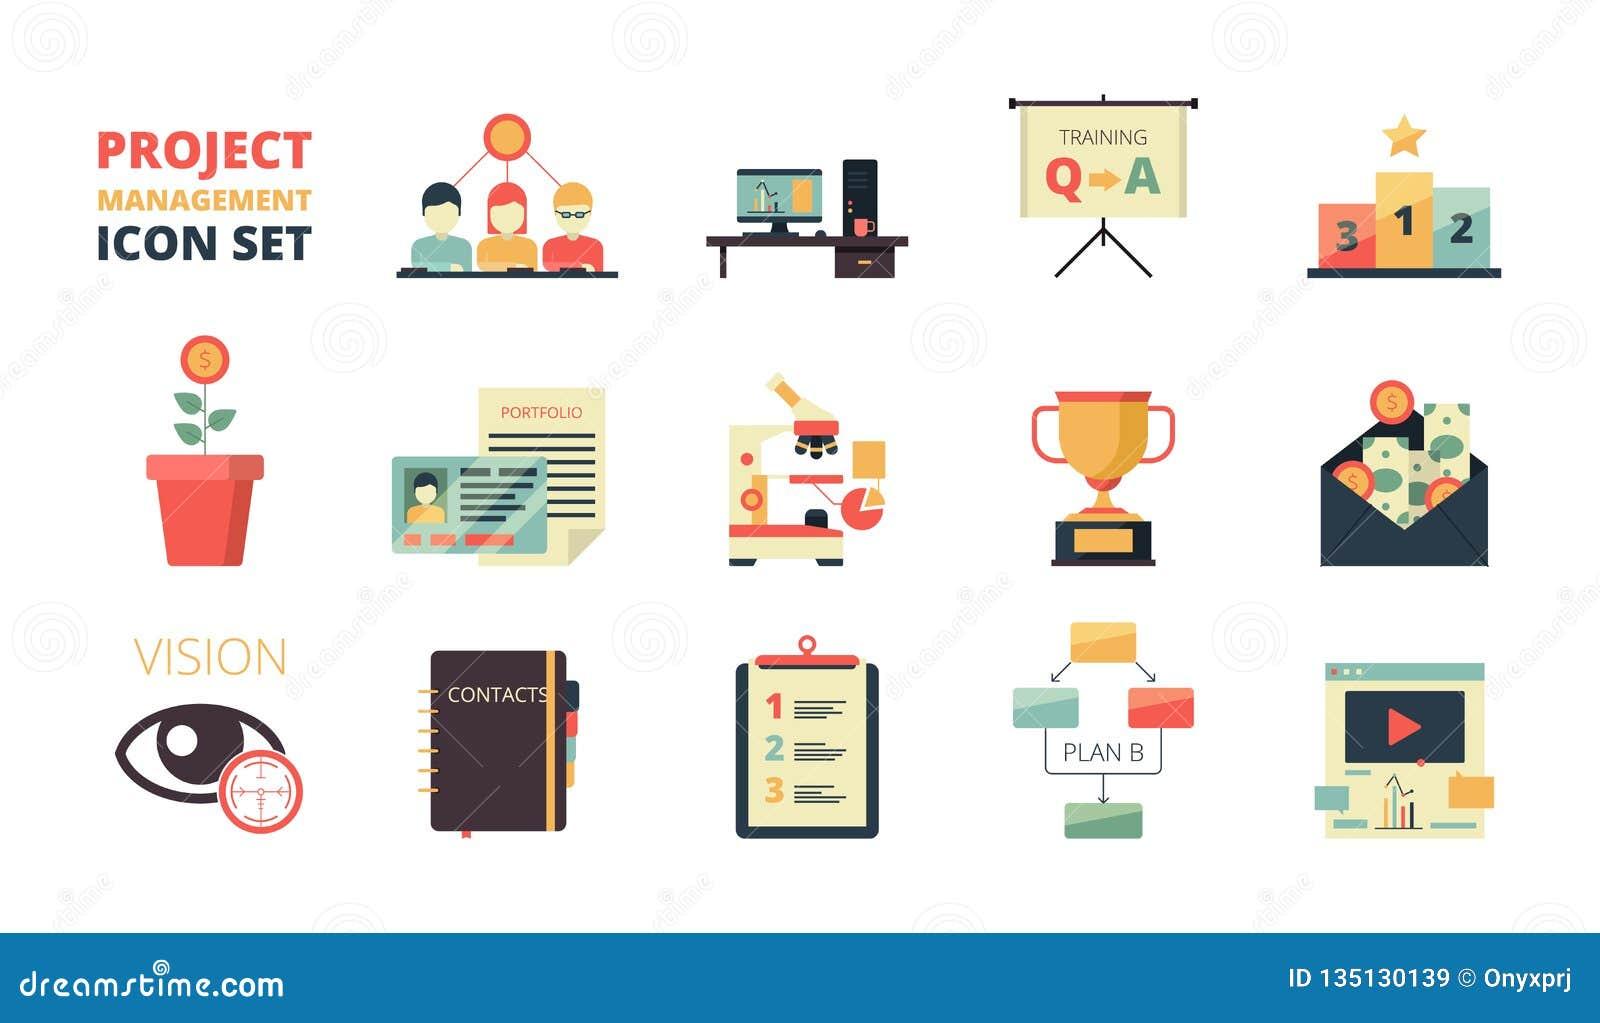 Icona di pianificazione di progetto La gestione di strategia aziendale elabora il sistema del crm del cruscotto dello sviluppo di